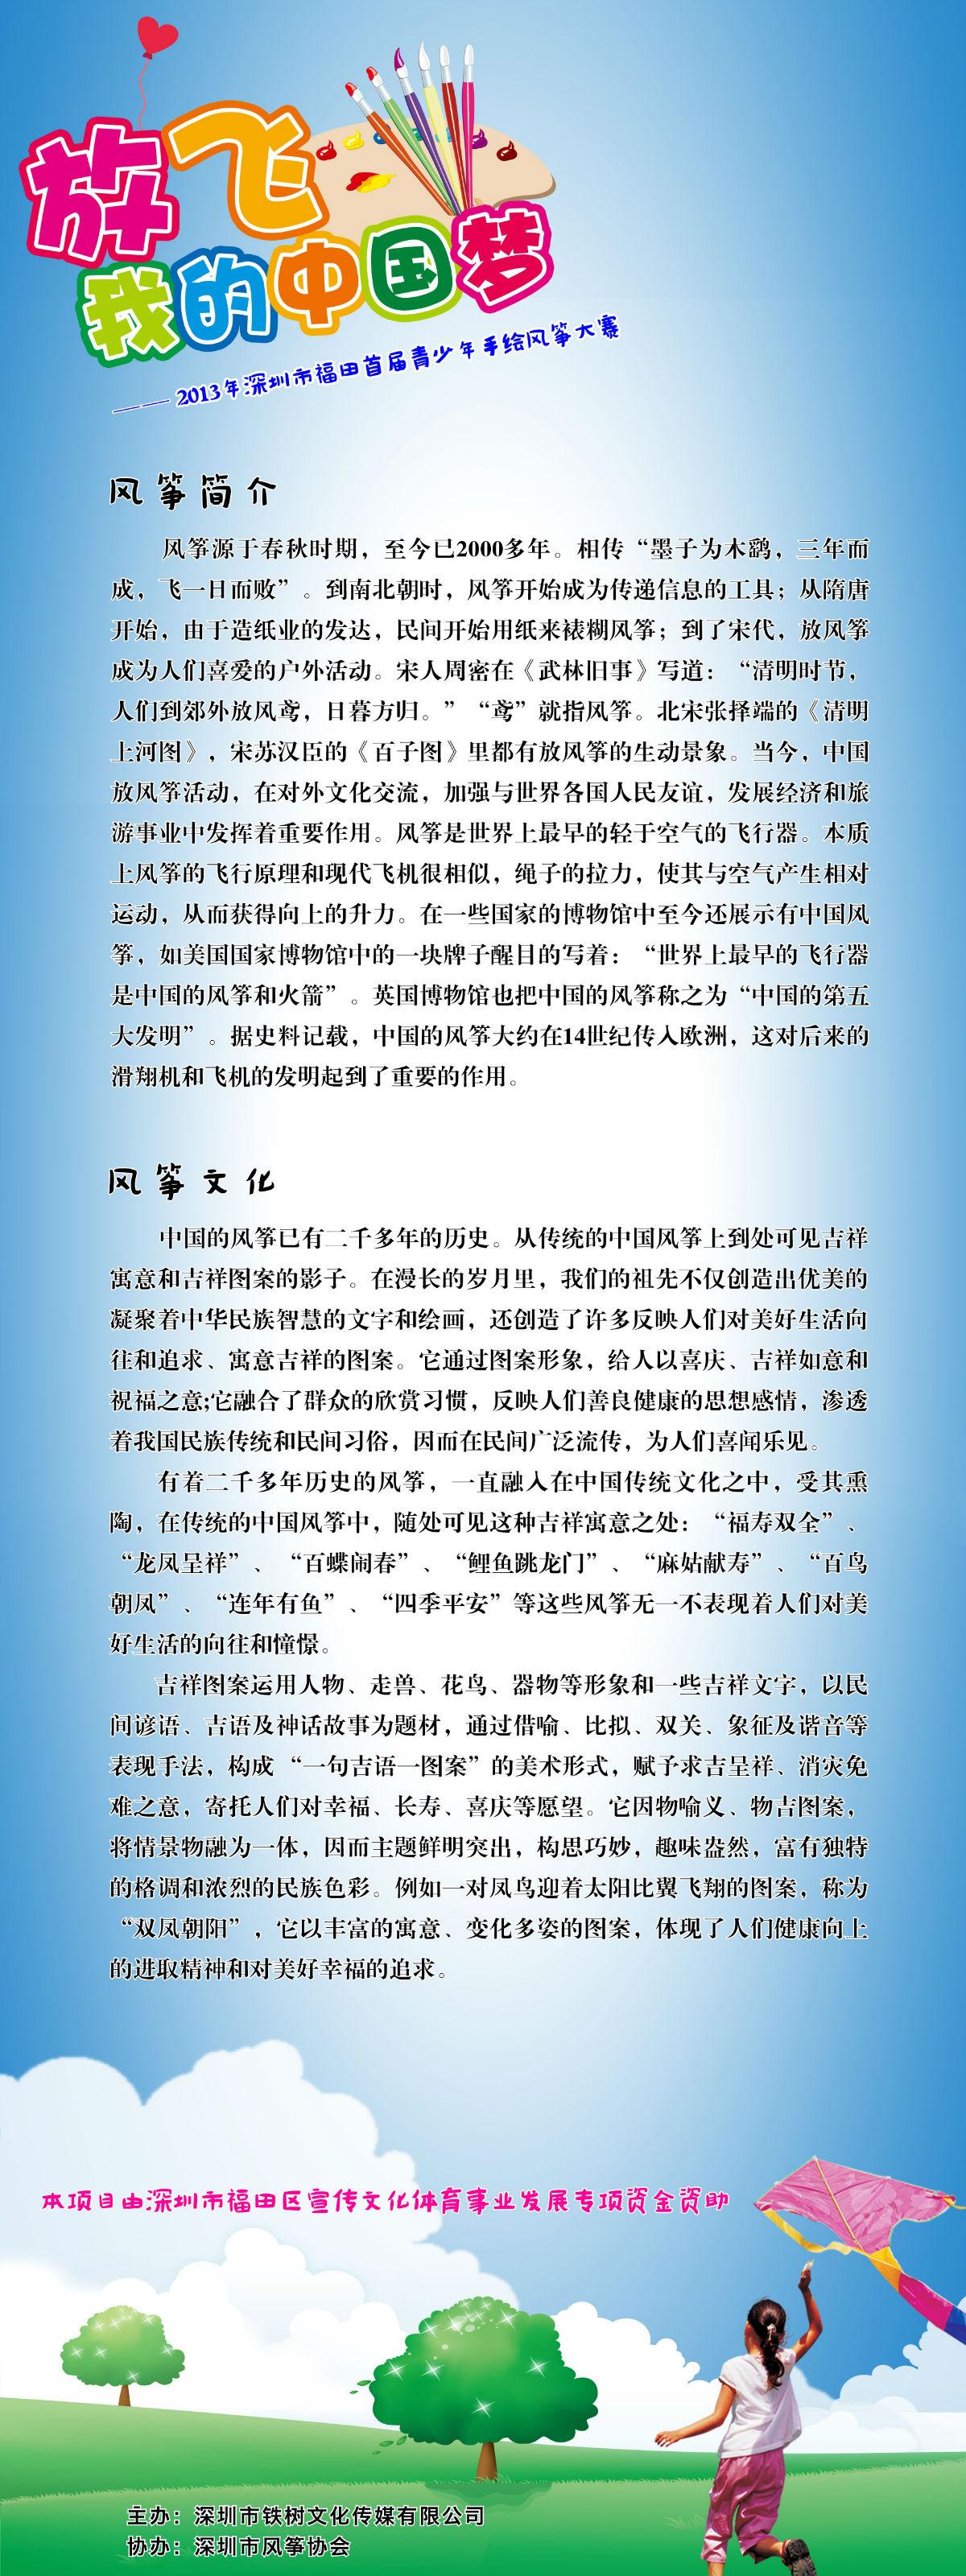 放飞?我的中国梦——2013深圳市福田首届青少年手绘风筝大赛